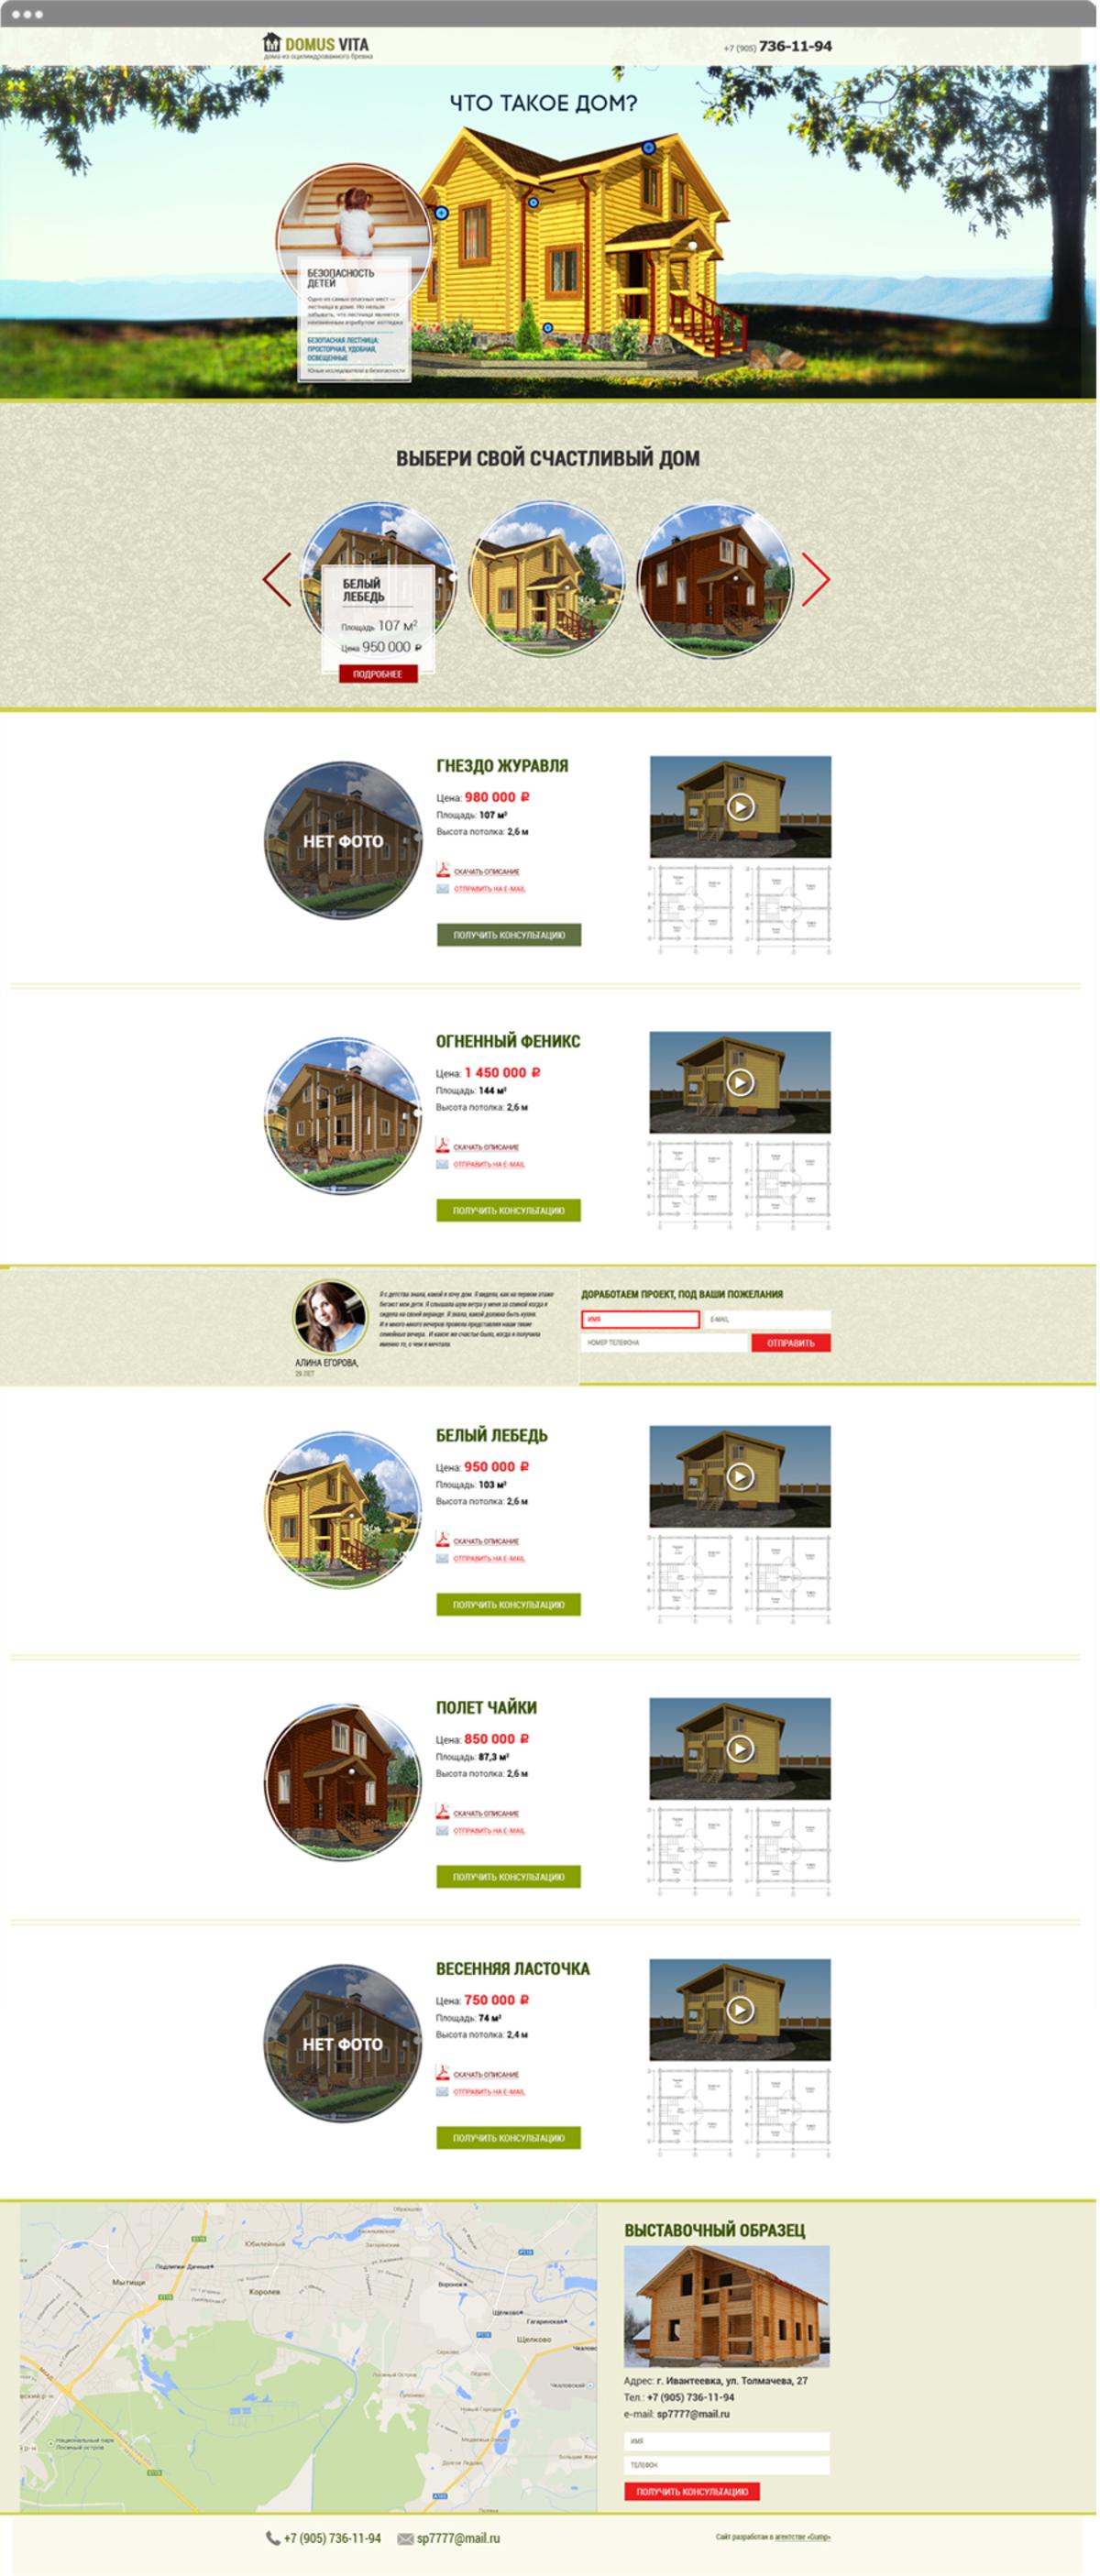 Domusvita - промо-сайт по строительству домов / Проект компании Маркетинговое агентство Gump